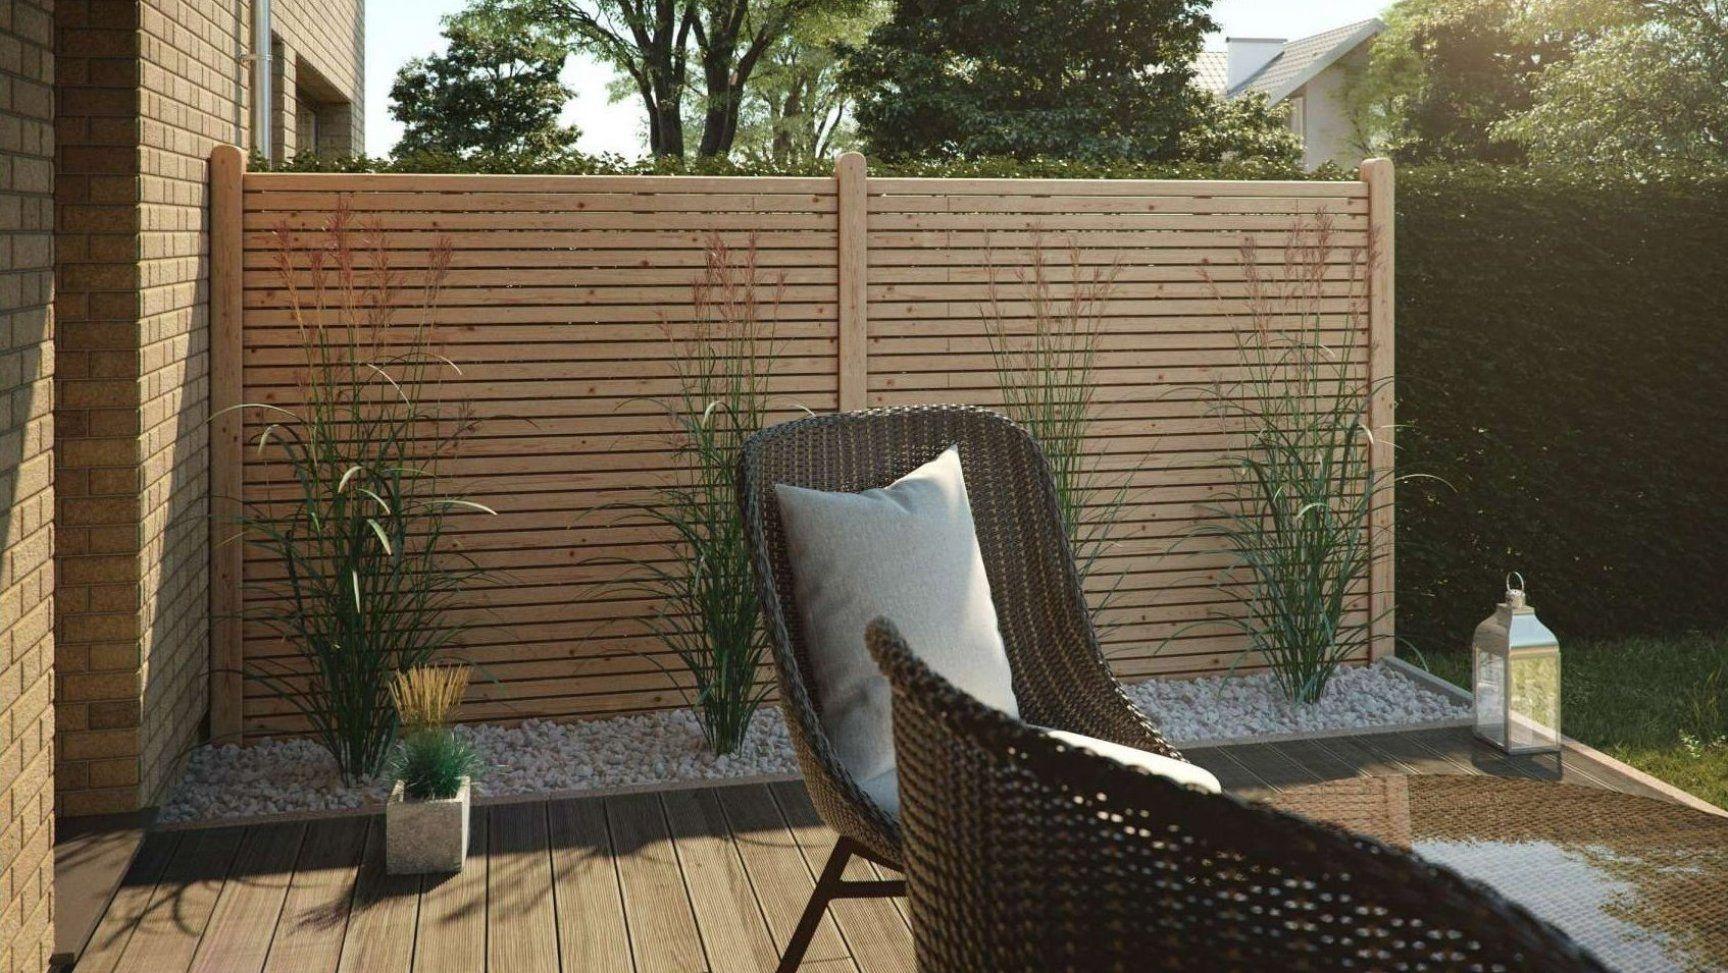 18 Gartengestaltung Terrasse Mit Sichtschutzgartengestaltung Terrasse Sichtschutz Garten Gestaltung Gartengestaltu In 2020 Outdoor Furniture Sets Patio Outdoor Decor